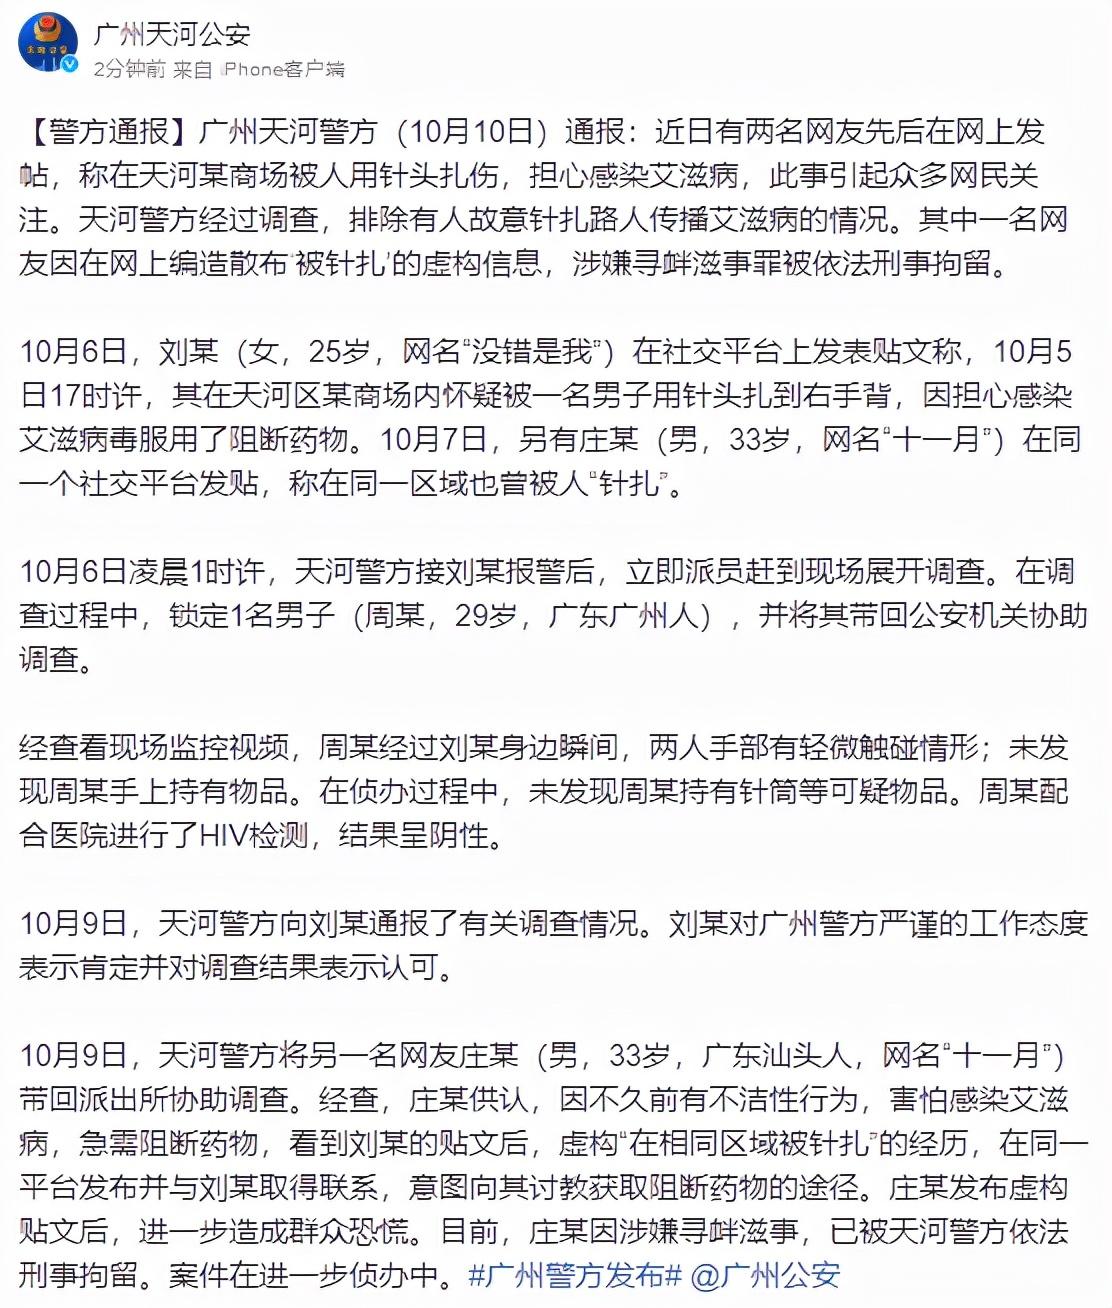 网友称疑遭恶意扎针后服用艾滋病阻断药,广州警方:排除有人故意传播艾滋病情况